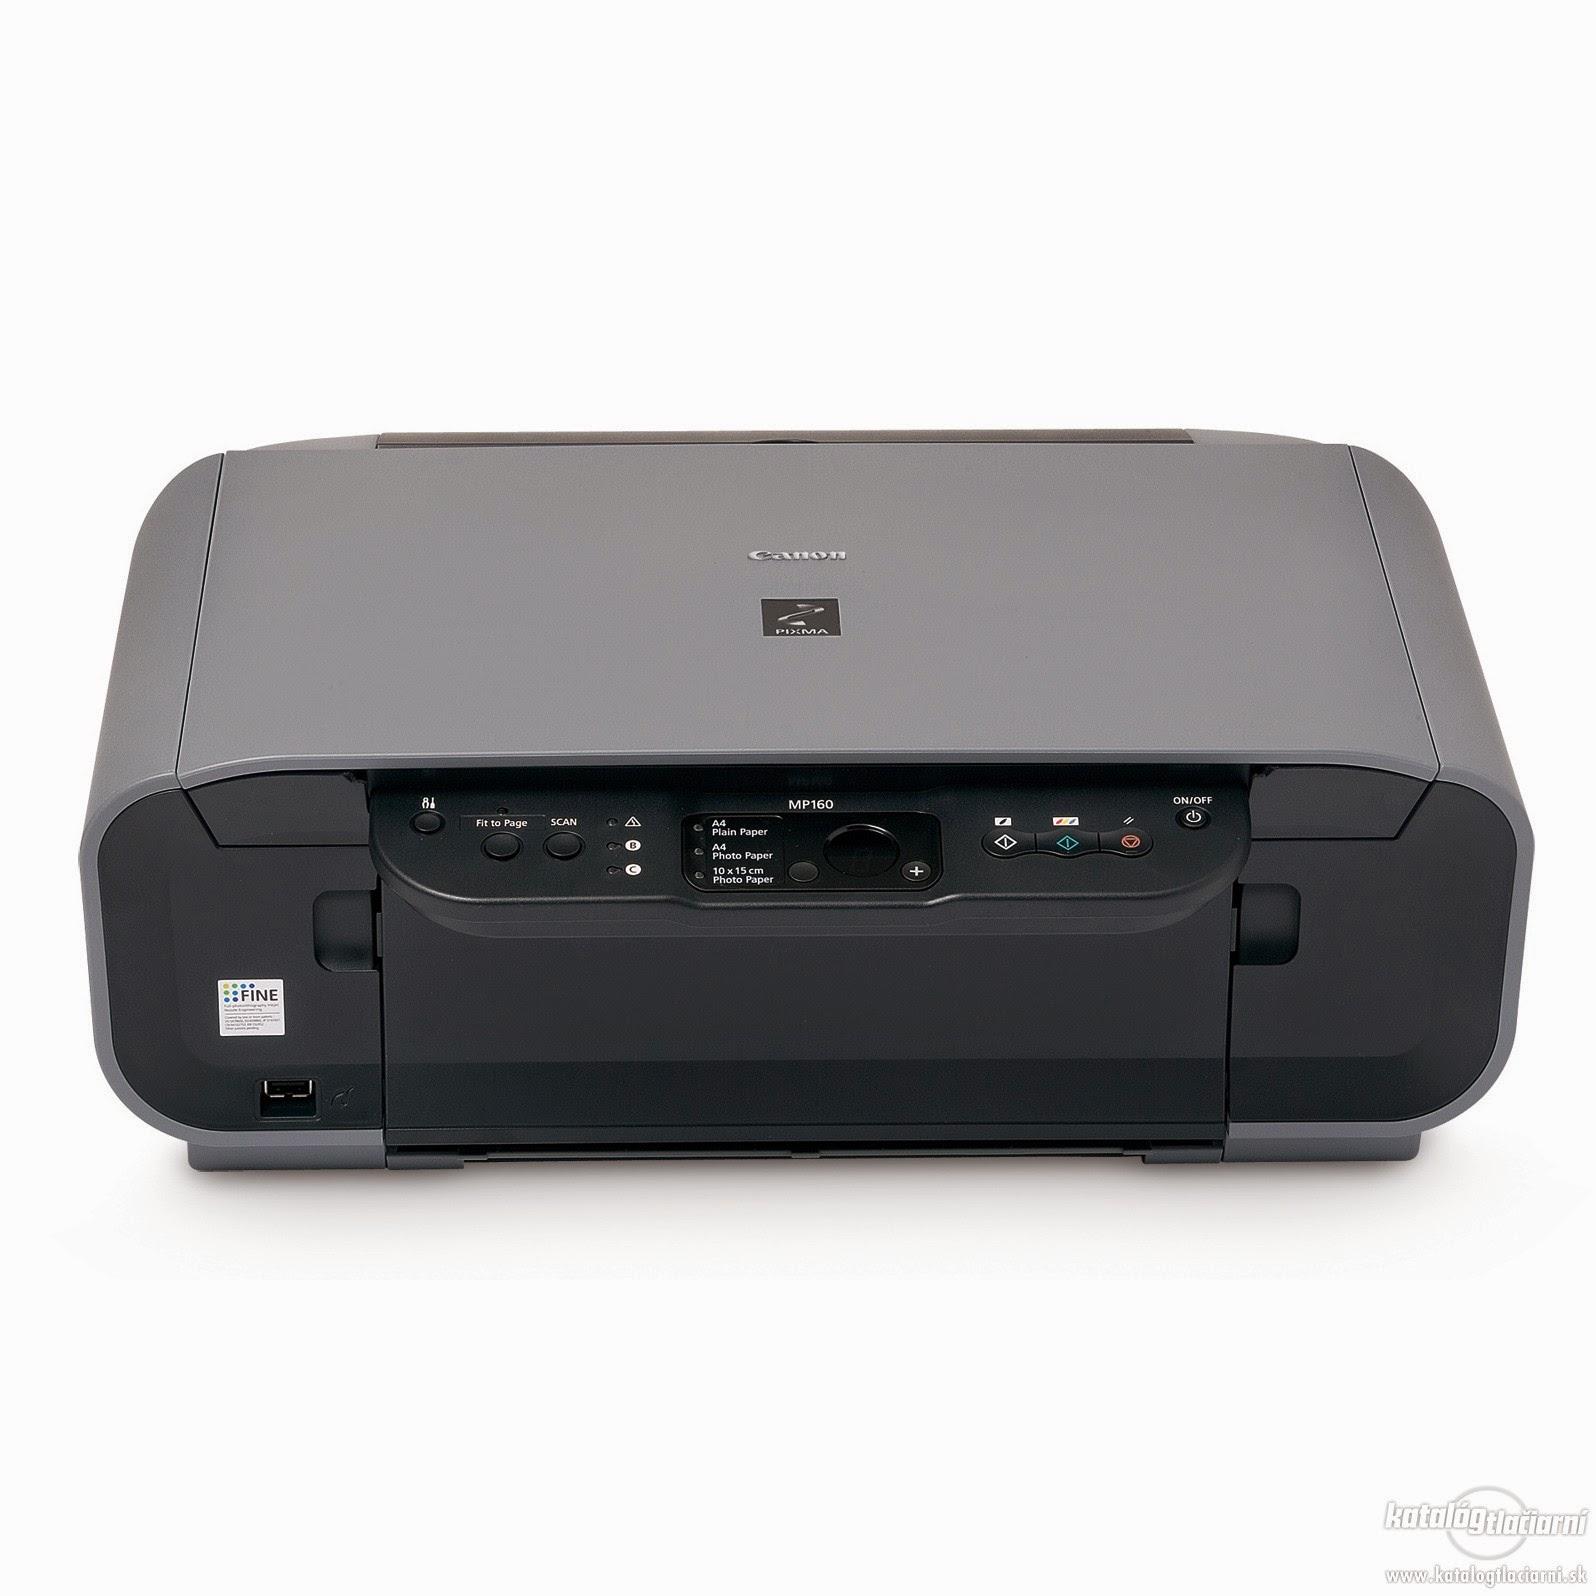 Скачать драйвер для принтера canon pixma mp210